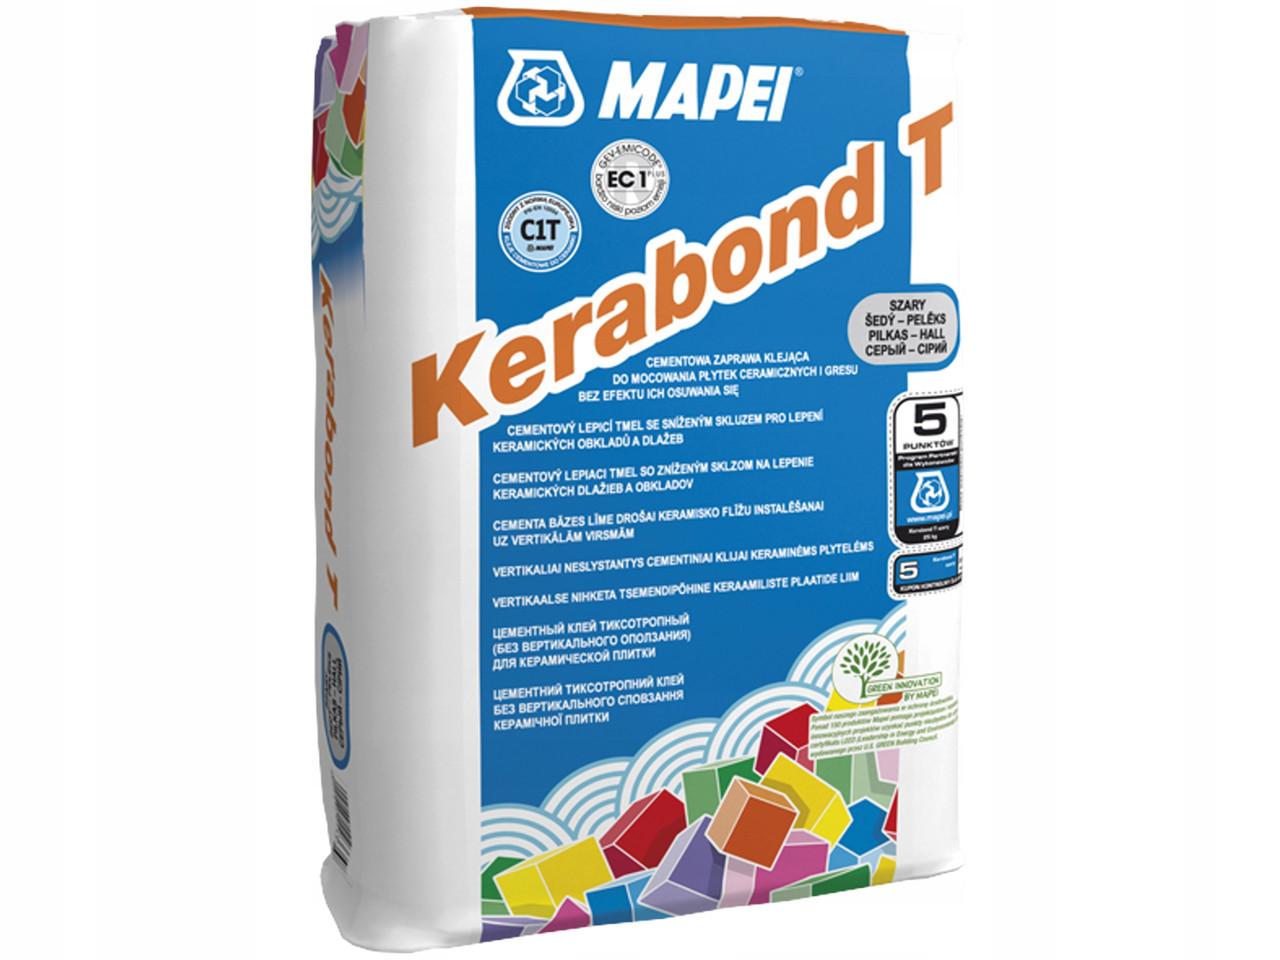 Kerabond T клей для керамической плитки